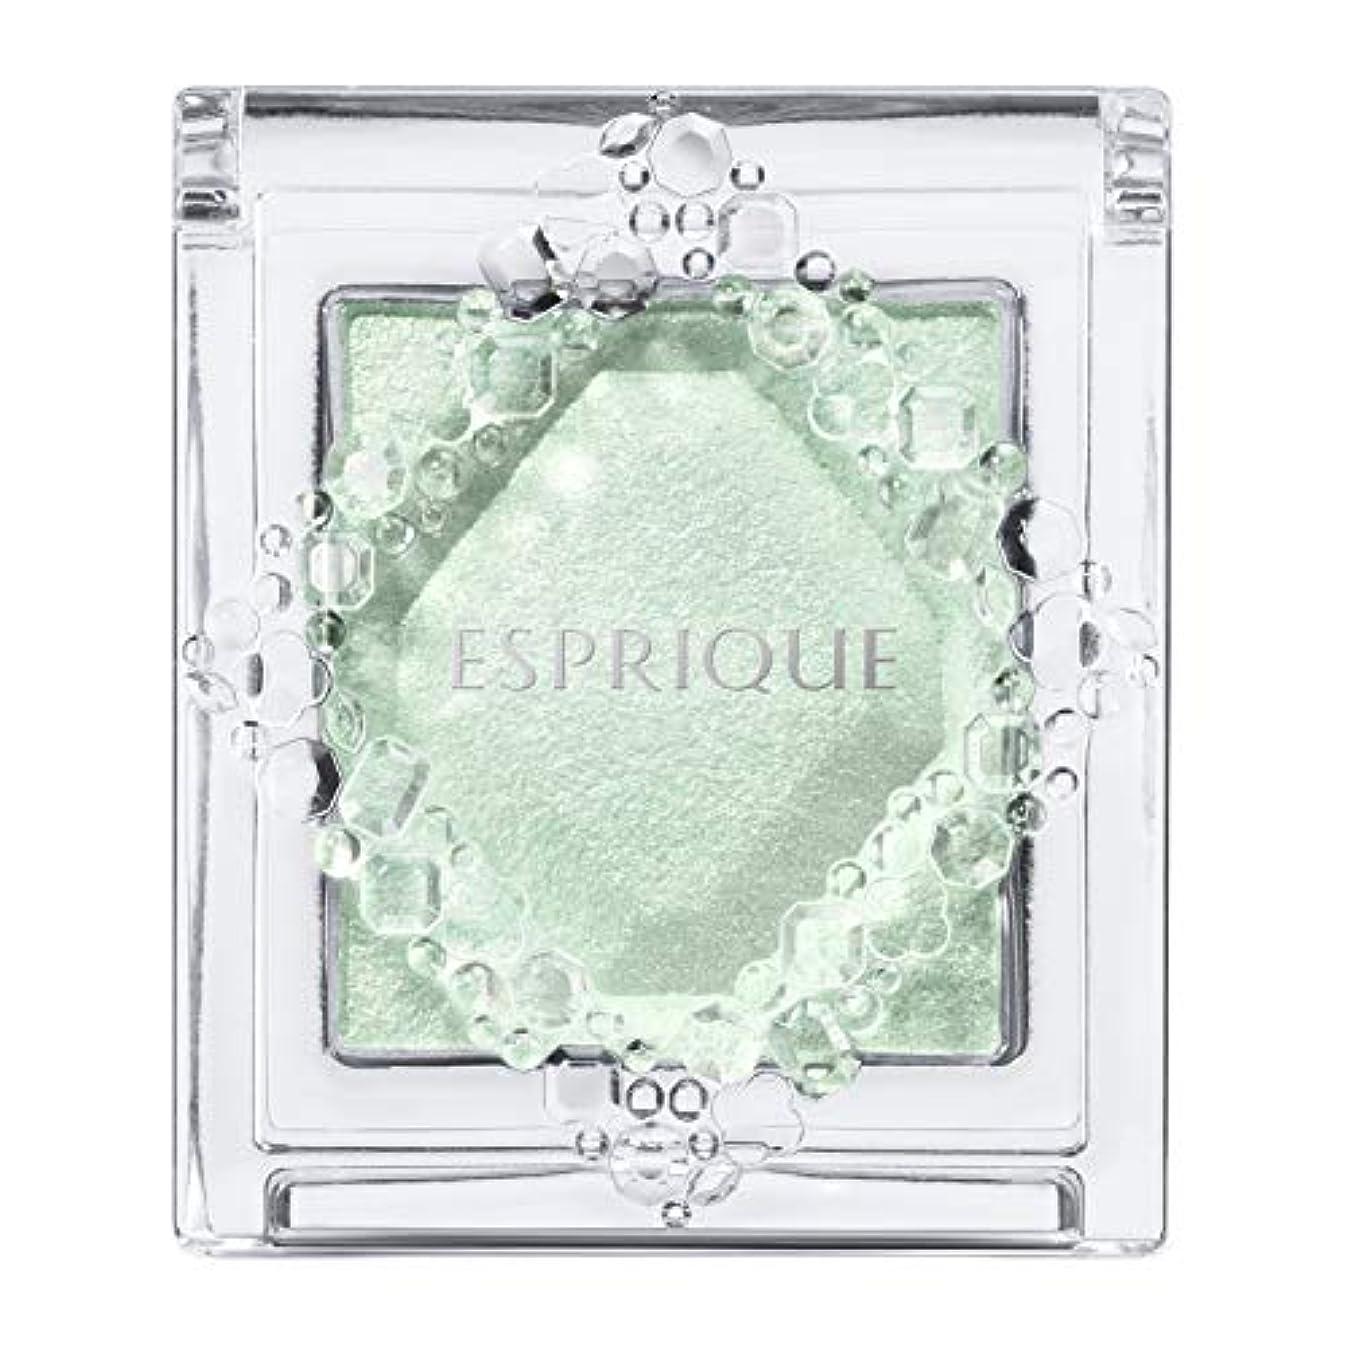 真珠のような願う娘エスプリーク セレクト アイカラー GR700 グリーン系 1.5g